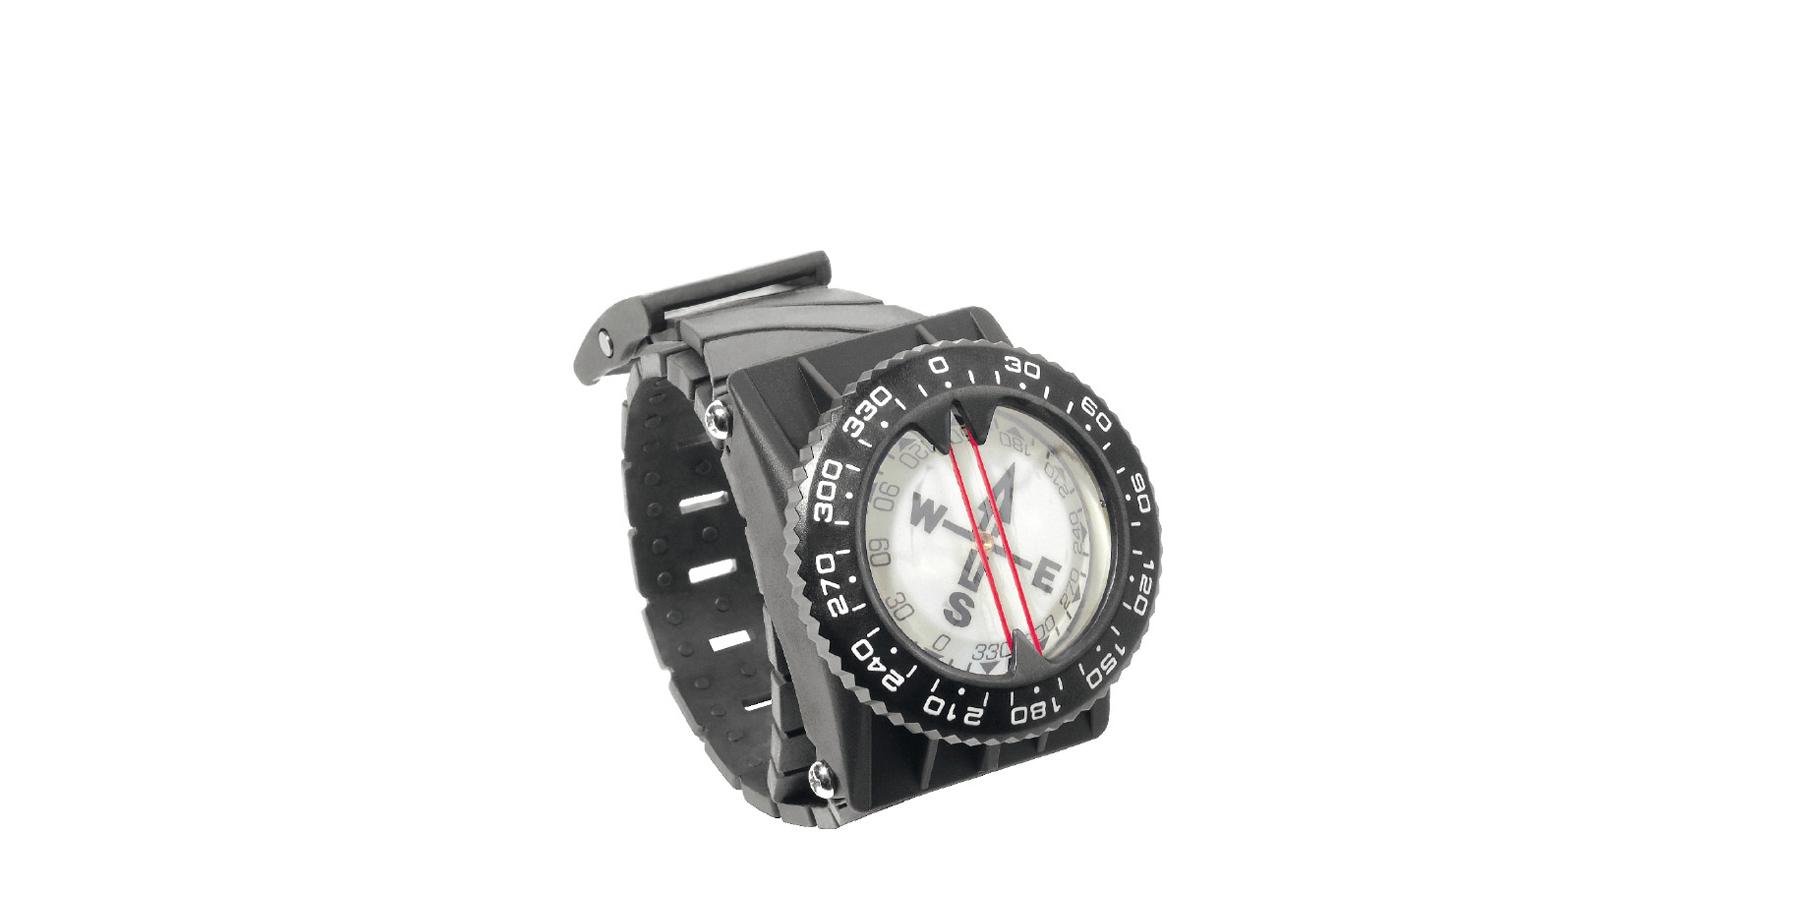 compas gabarit photos couv 1800x9001 - Une boussole de poignée à lecture précise